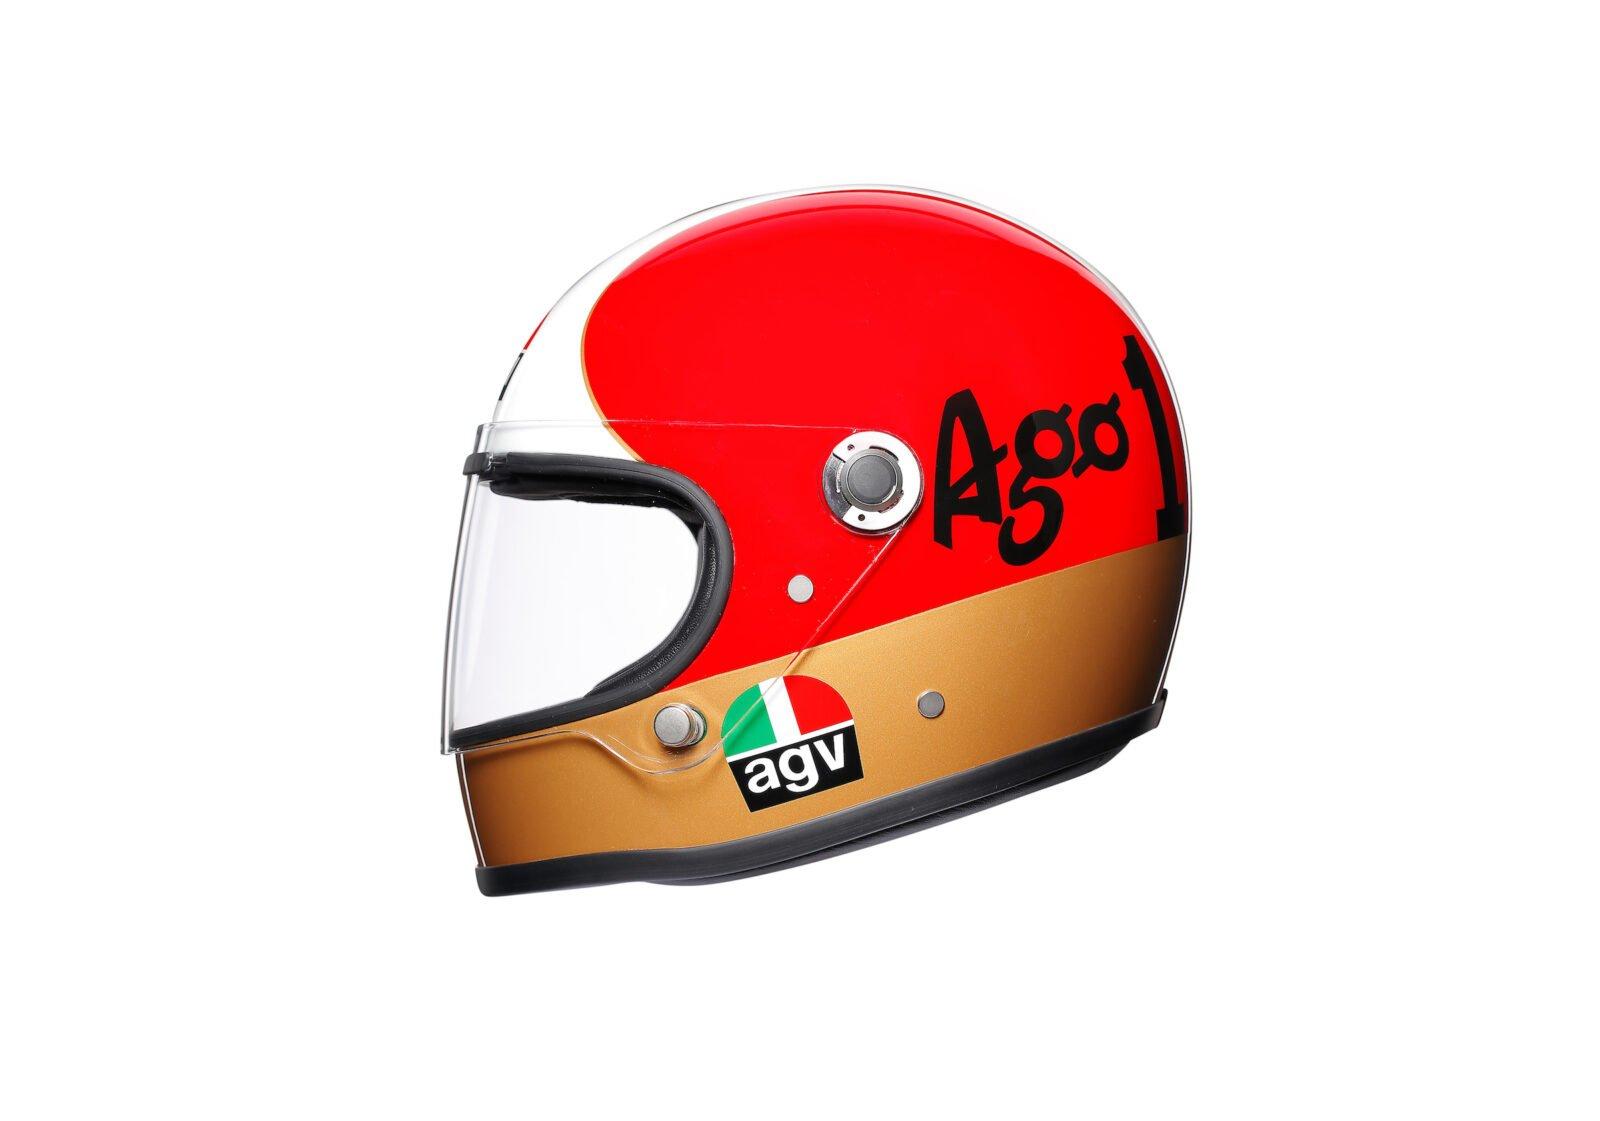 AGV Ago 1 Full Face Helmet 1600x1121 - AGV X3000 AGO 1 Full Face Helmet